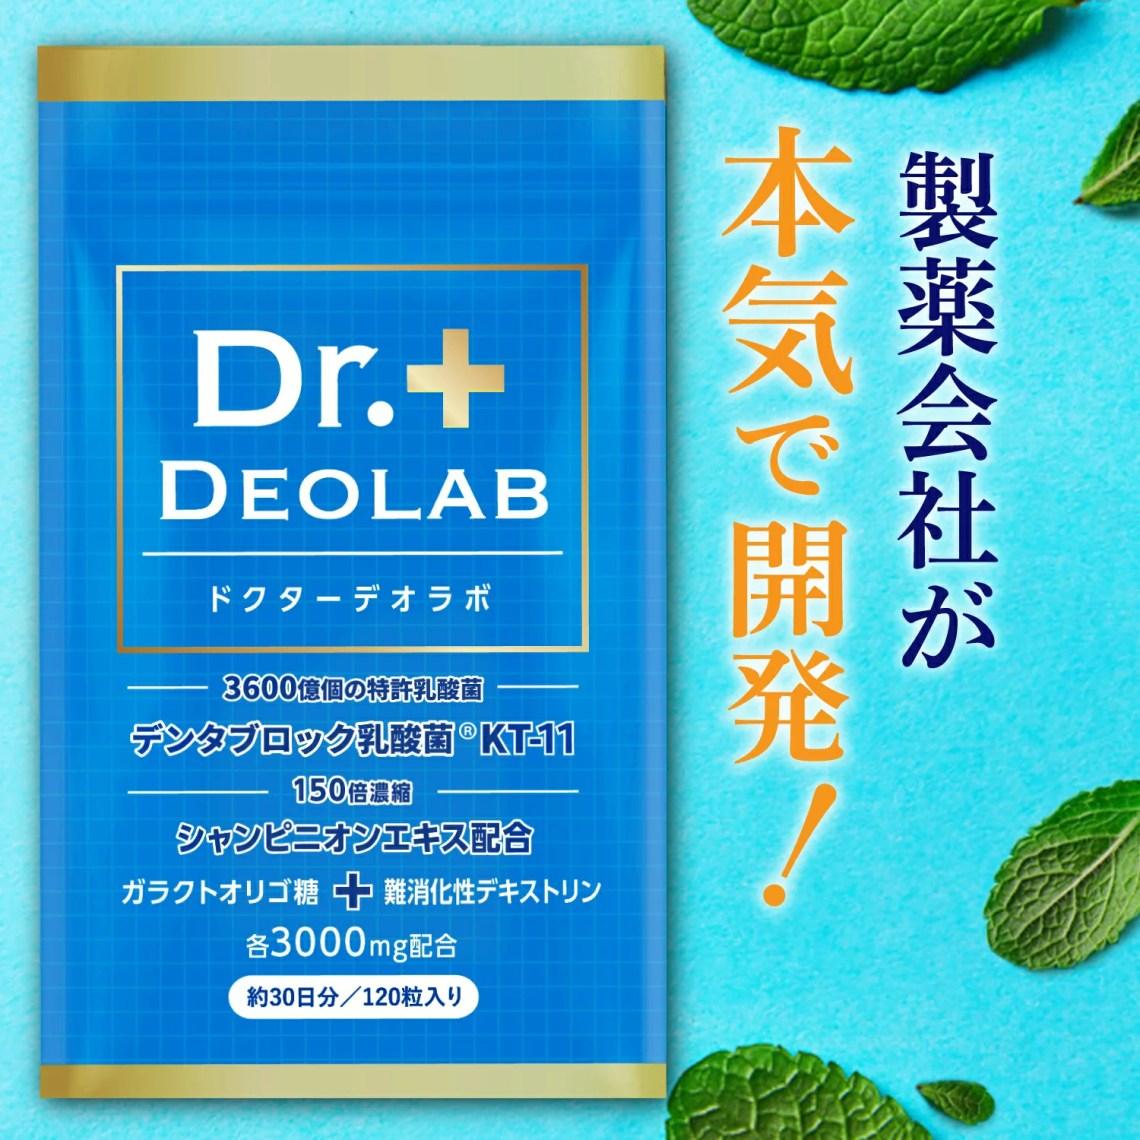 【口臭予防ランキング1位】ドクターデオラボ 消臭サプリ 【製薬会社と共同開発】 ニオイ予防 加齢臭 タブレット 150倍